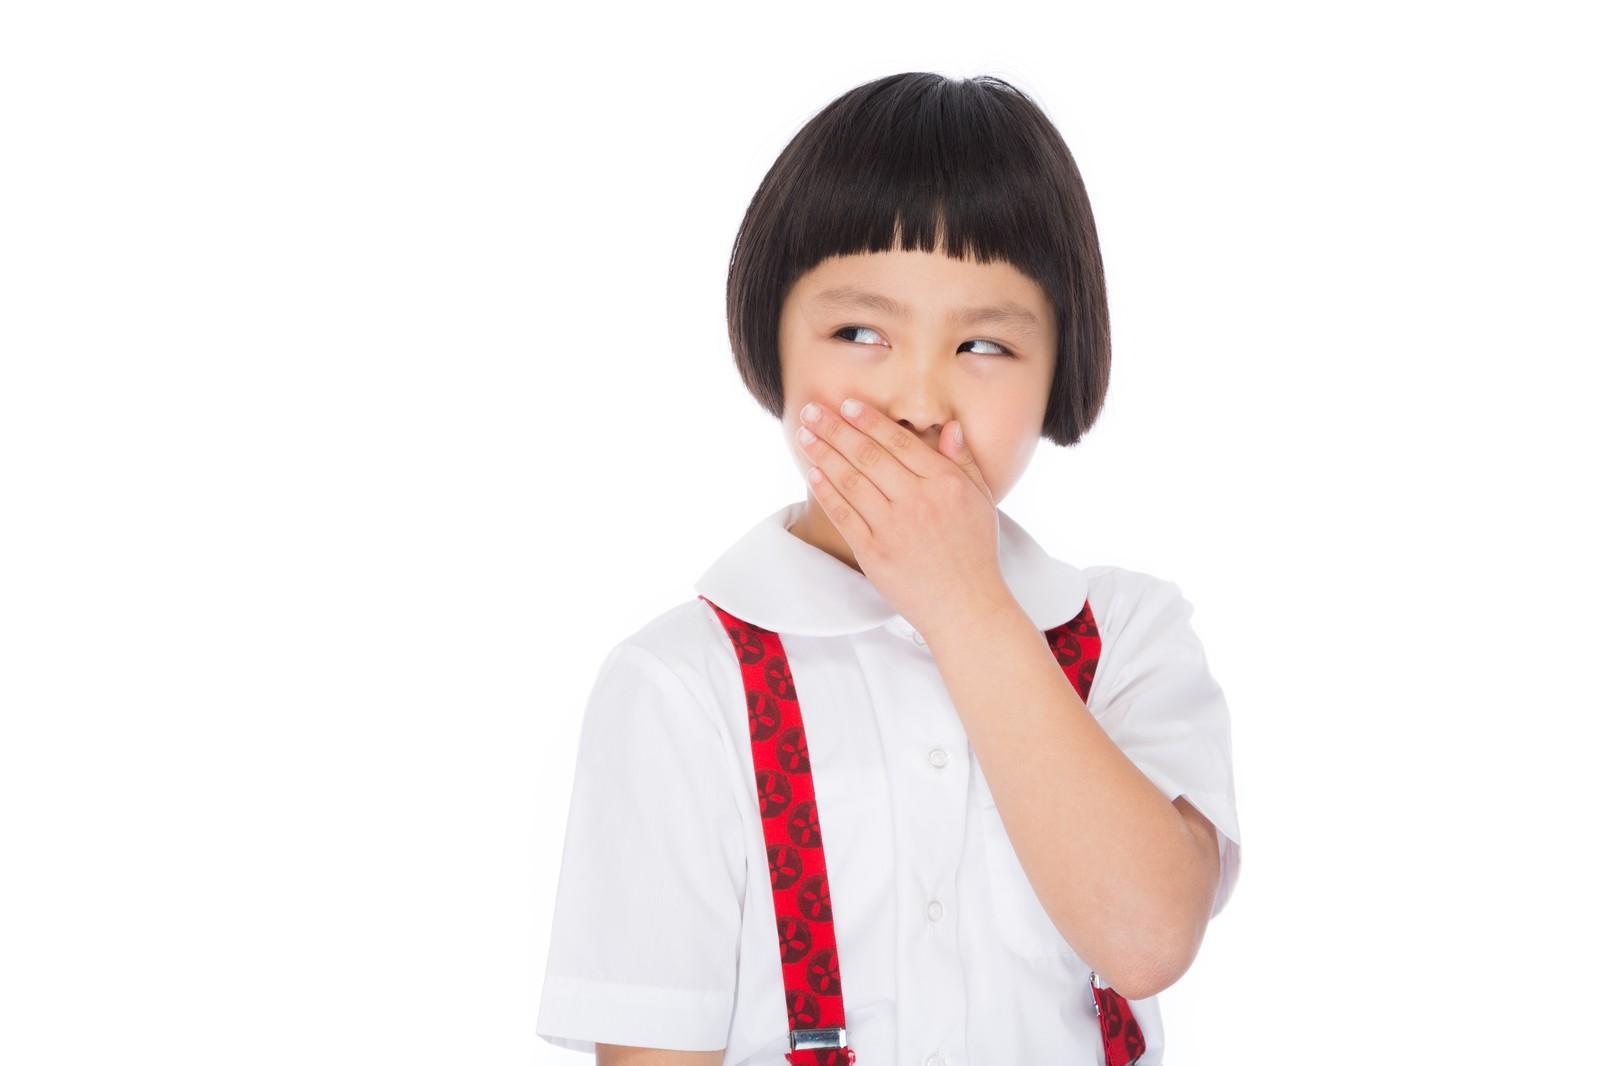 子供に自分の年収を話すべきか